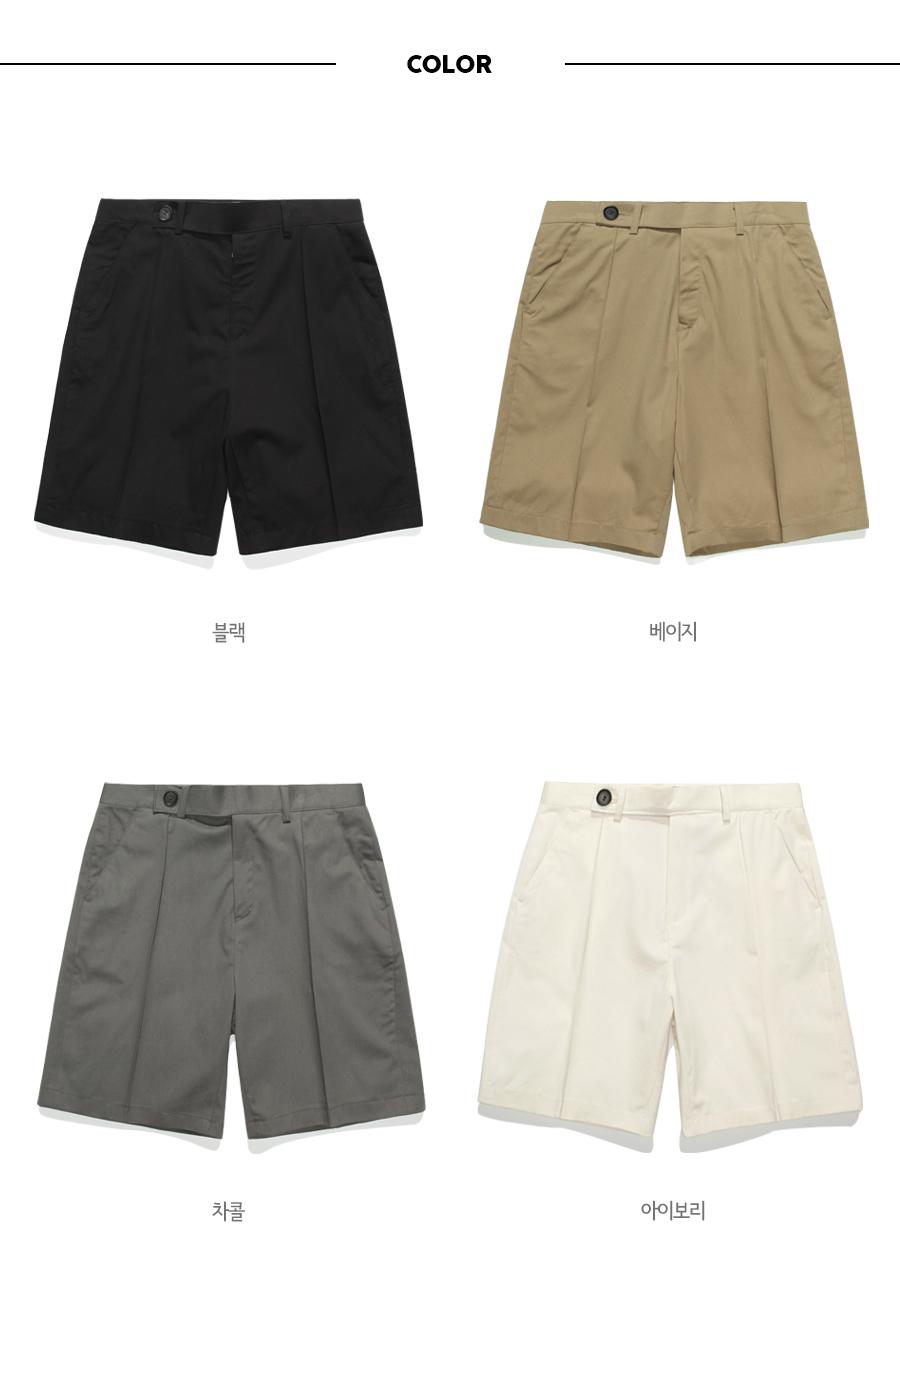 20190325_tencel_short_pants_color_kj.jpg